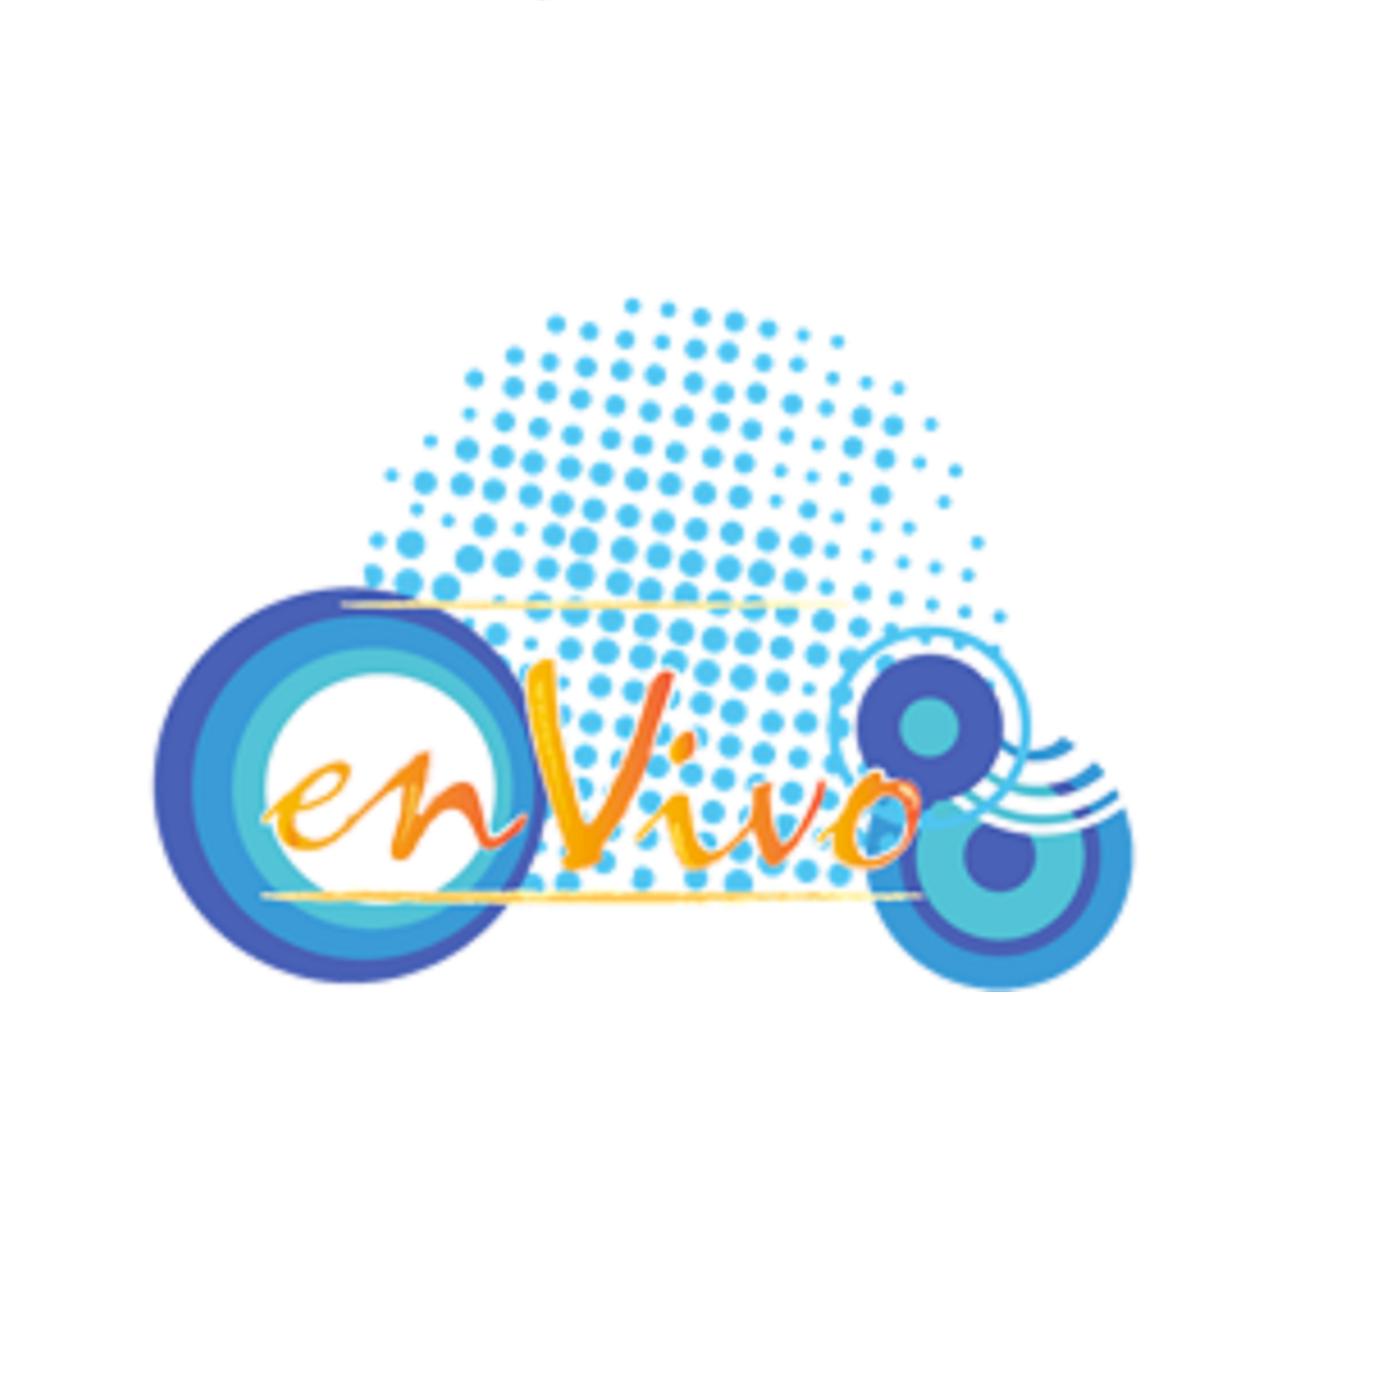 Charlas Online - en Vivo Salamanca